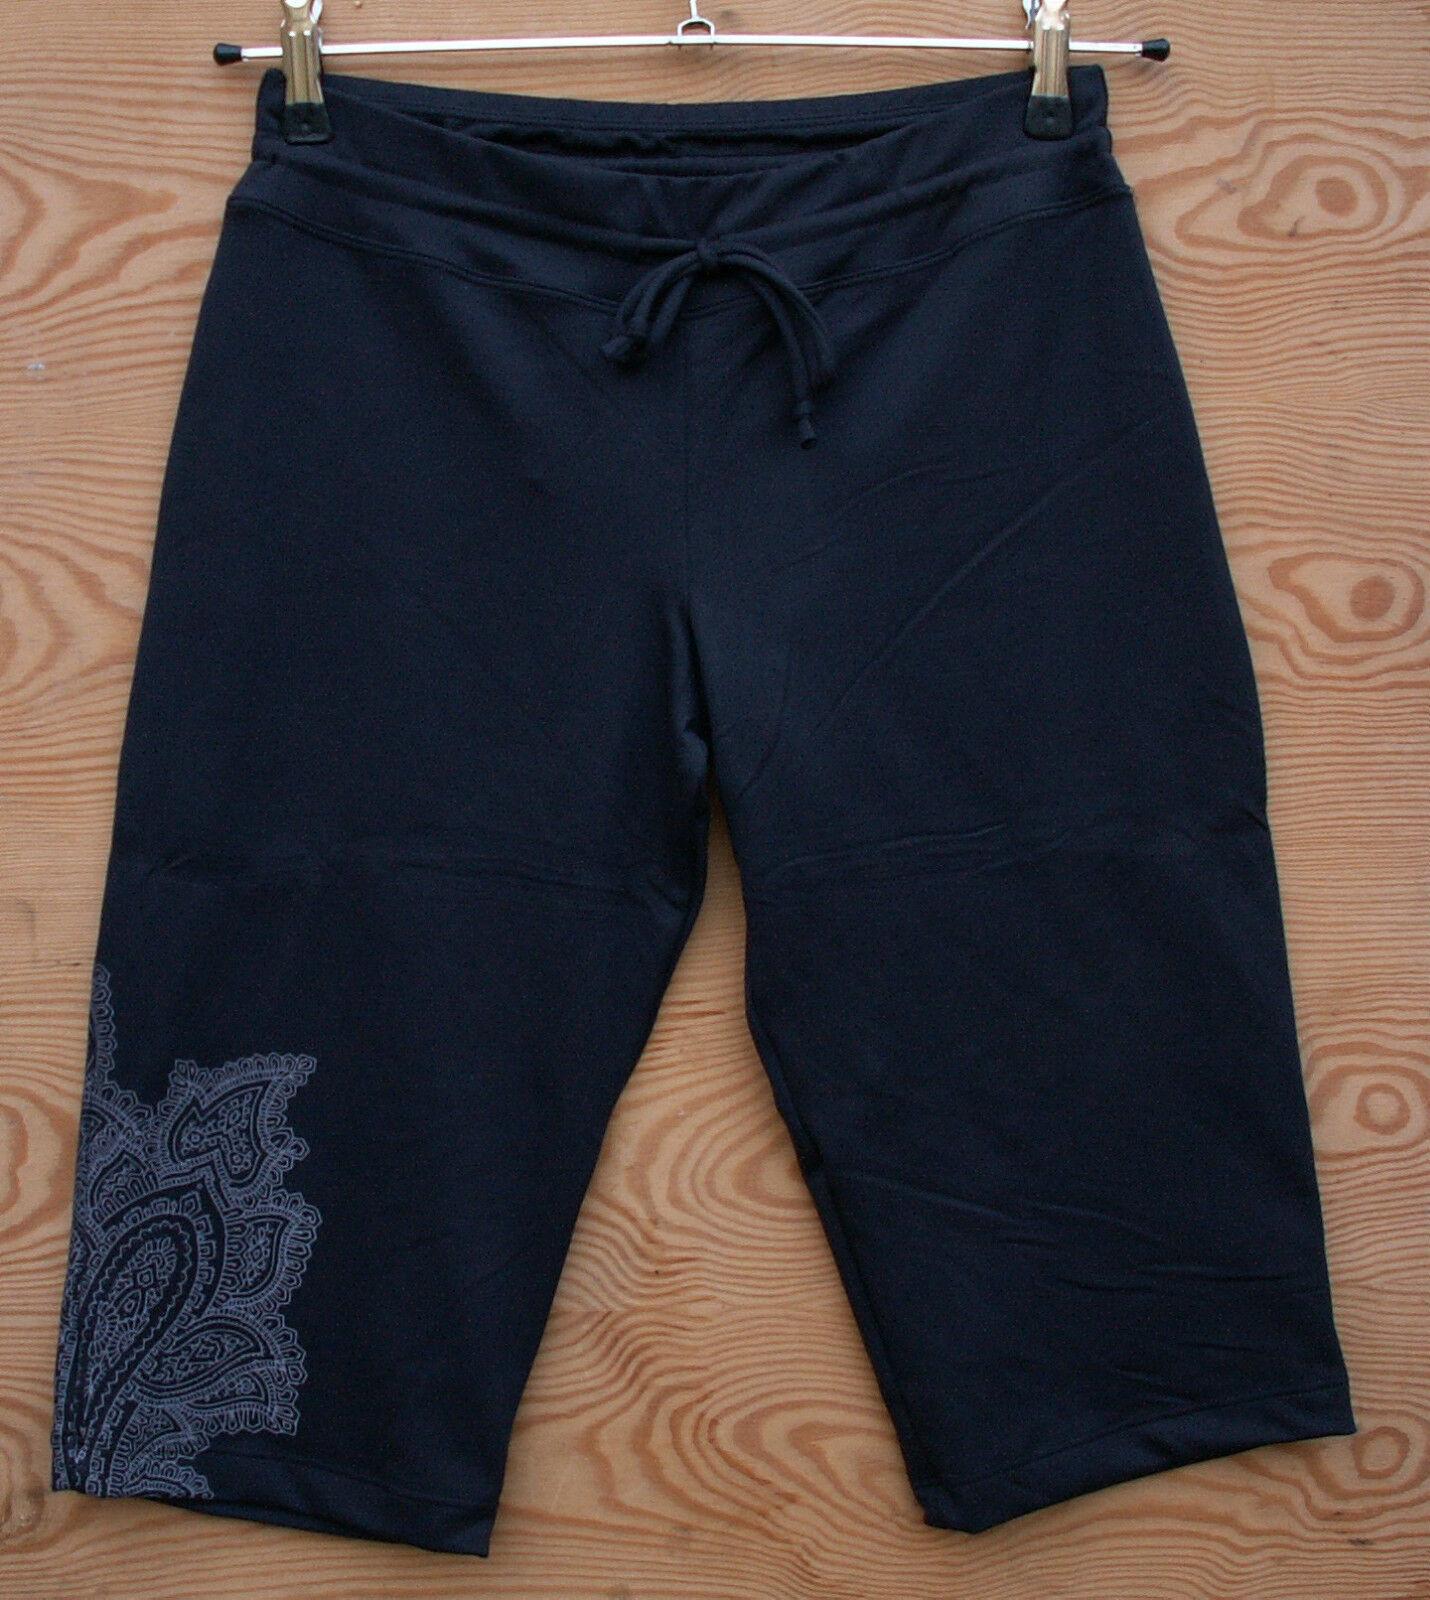 Prana Rylee Knicker Nero Elastica Donna Pantaloni in 12  Lunghezza Taglia XL